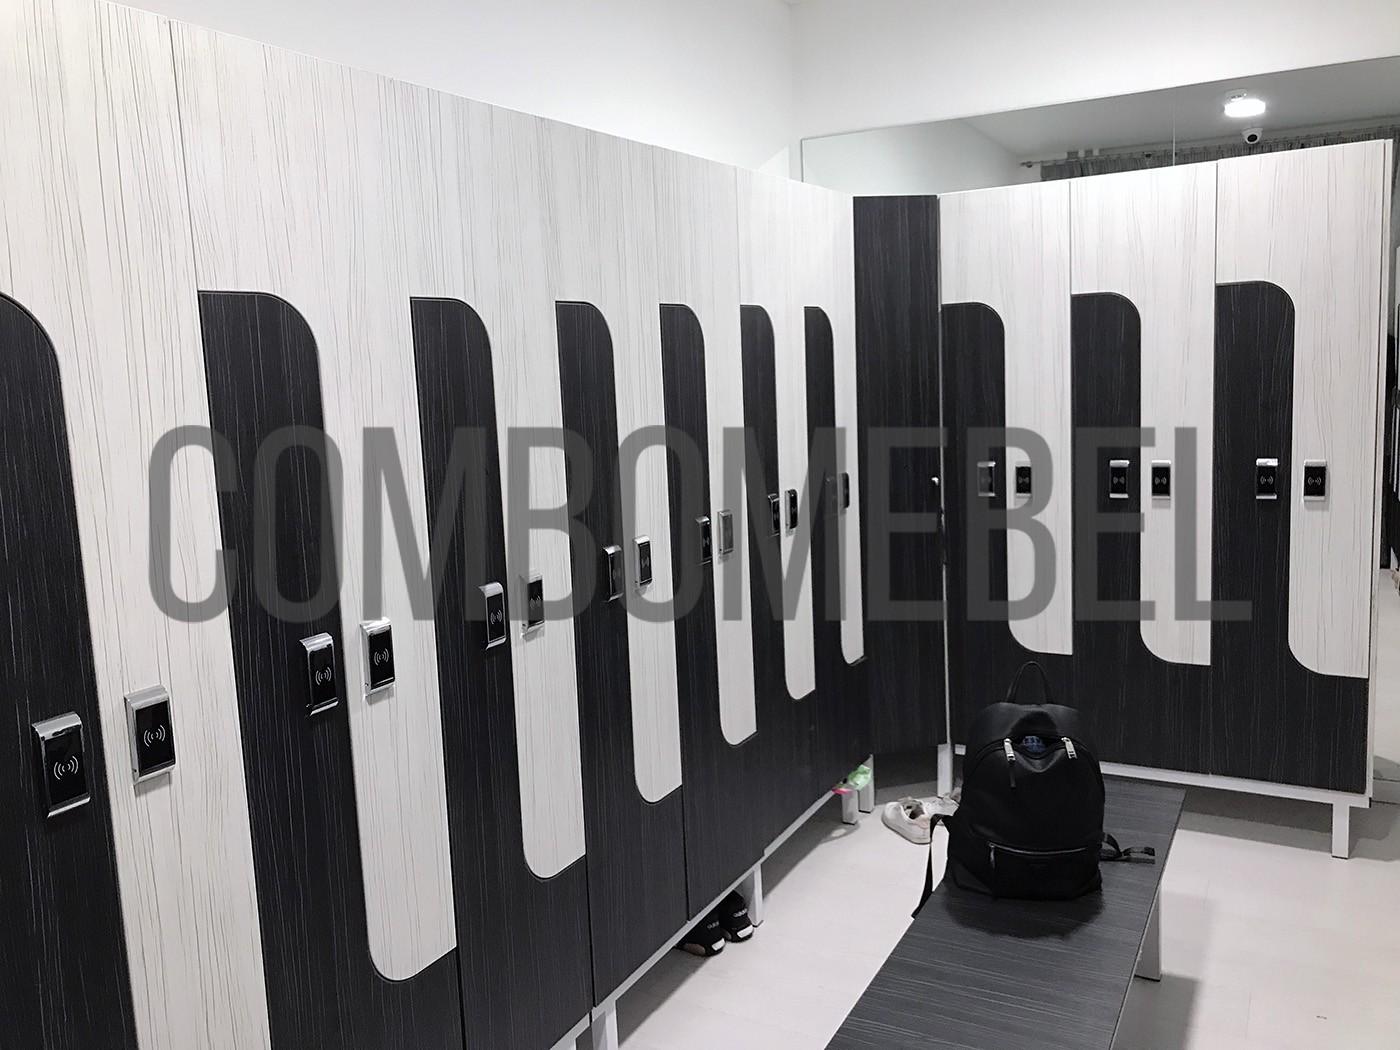 Шкафы раздевальные по индивидуальному проекту для раздевалки спортивной студии